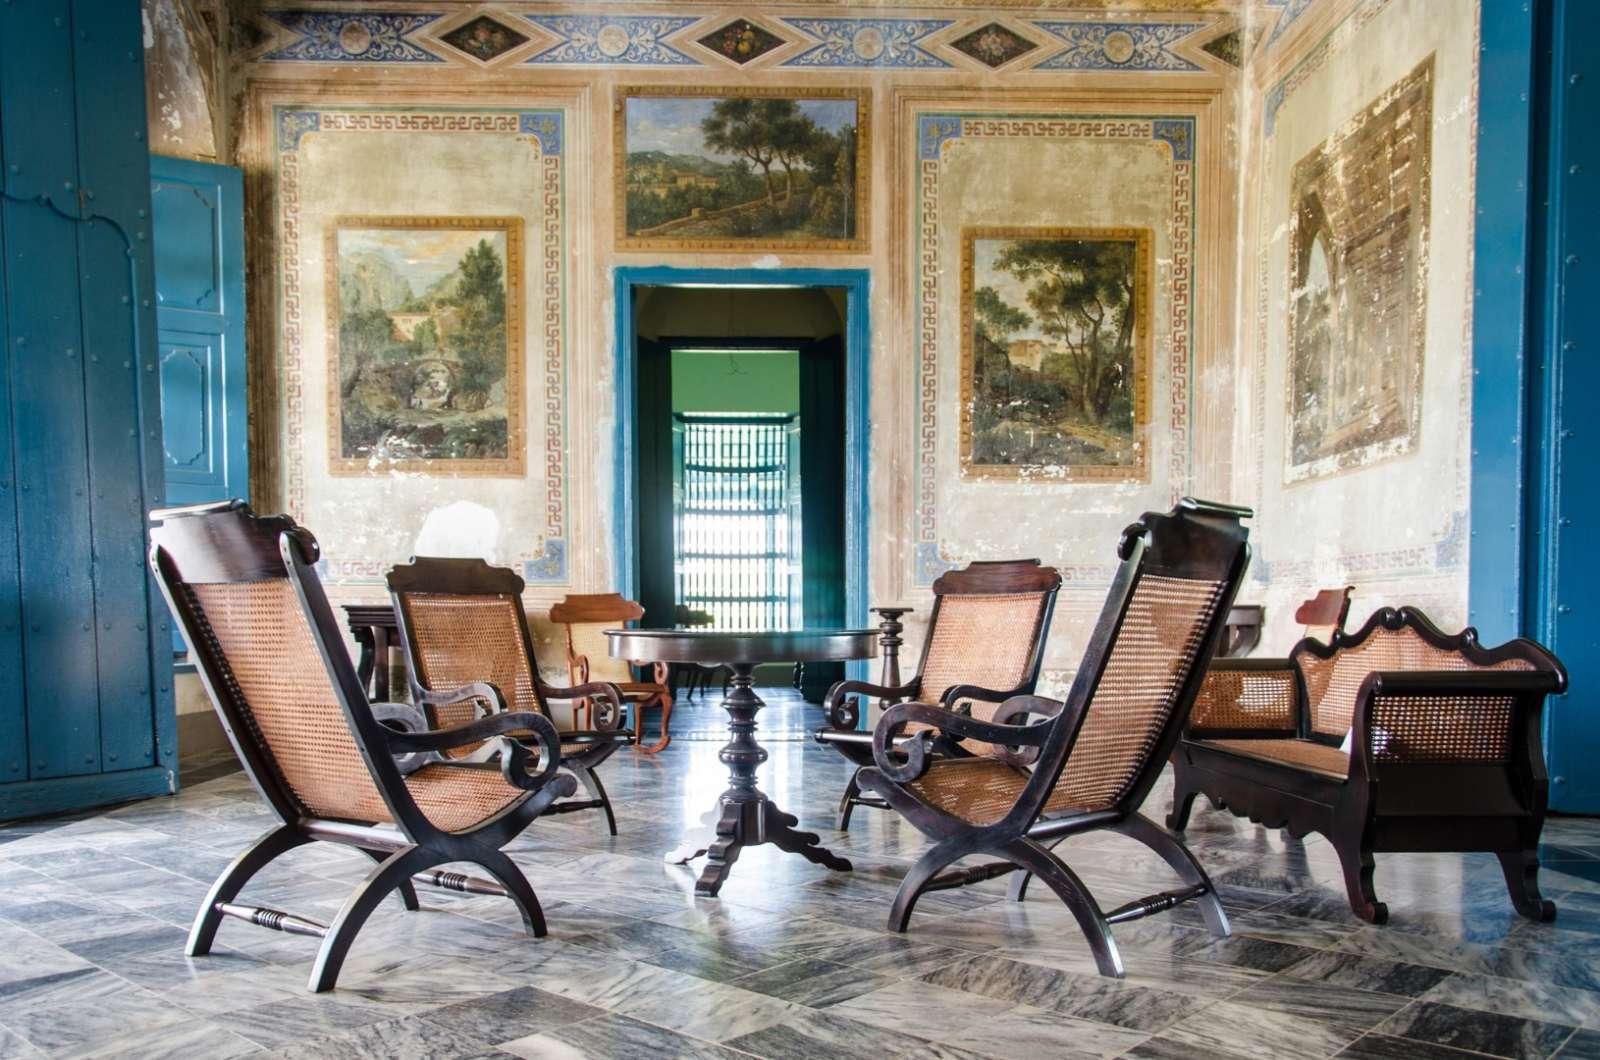 The Museo Romantico in Trinidad, Cuba